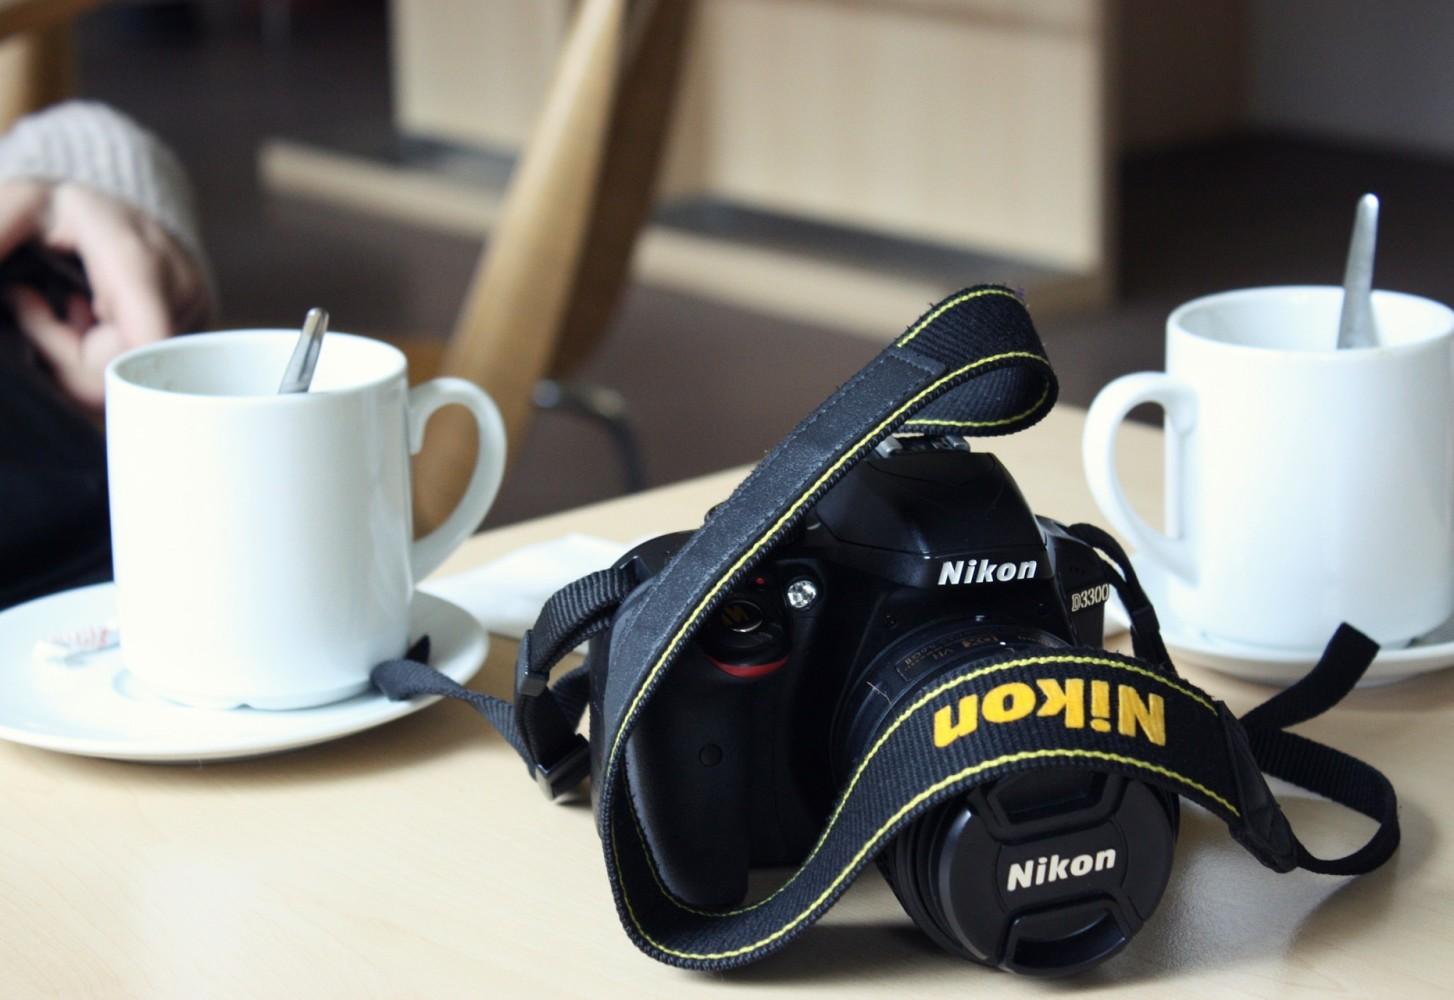 Food fotografie deel 1: waar op te letten bij aanschaf nieuwe camera?